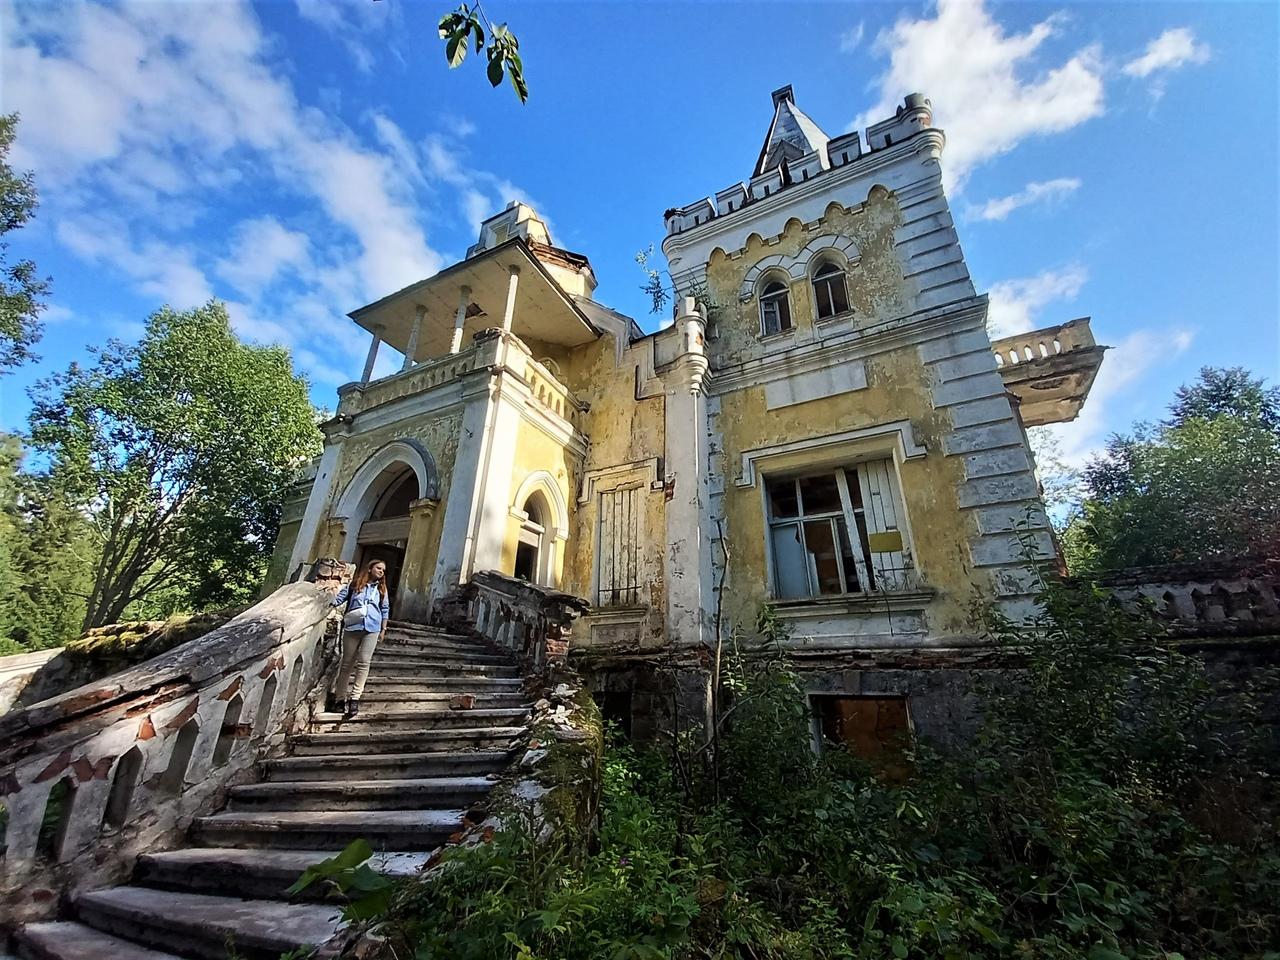 Тверская область, Ивановское. Усадьба Сназина - Гаслера и озеро Волчино. Сказочный замок в лесу.